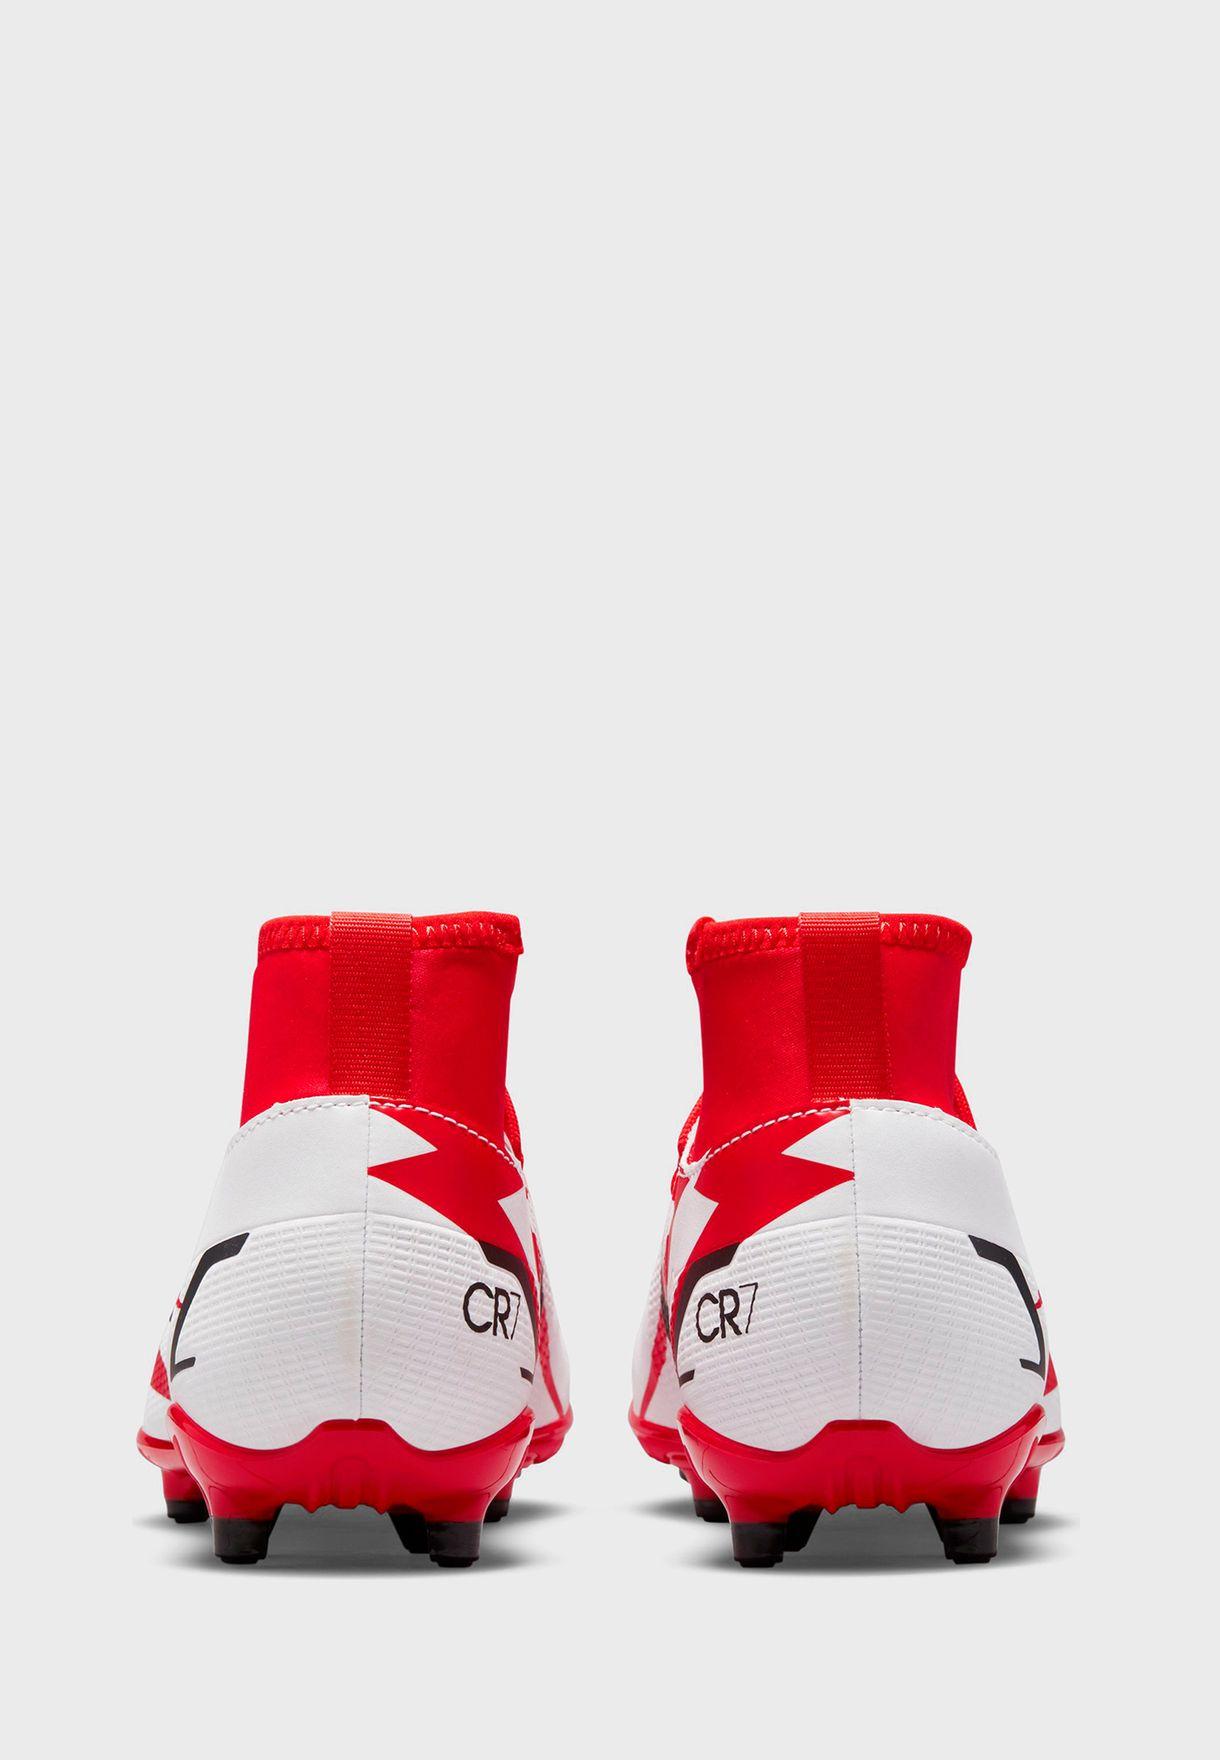 حذاء سوبرفلاي 8 كلوبسي ار 7 للارض الصلبة